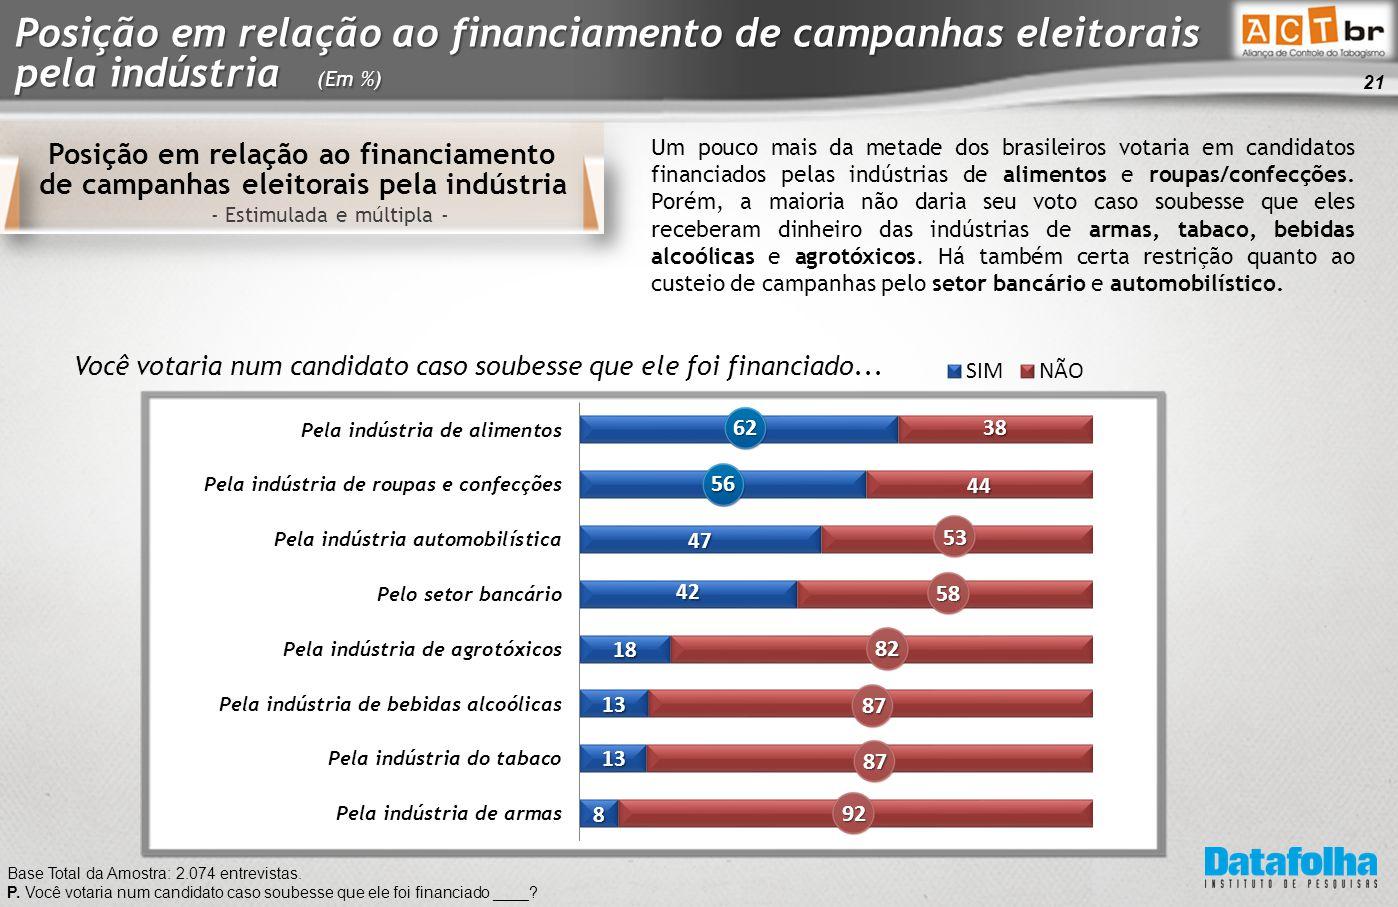 21 Posição em relação ao financiamento de campanhas eleitorais pela indústria - Estimulada e múltipla - Base Total da Amostra: 2.074 entrevistas.